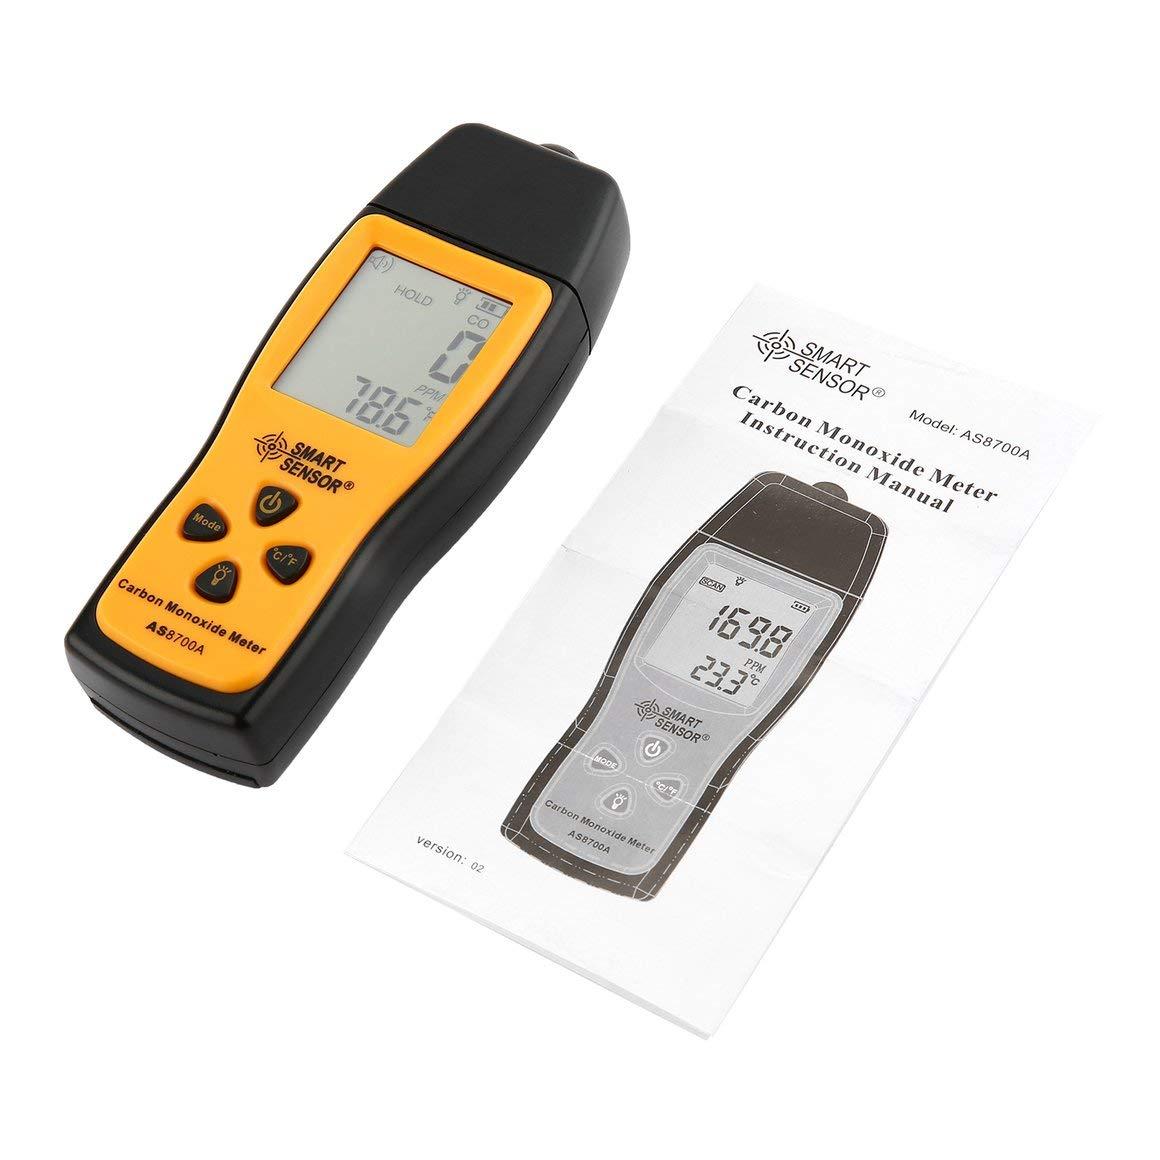 Moniteur de monoxyde de Carbone Portable Funnyrunstore Portable CO dé tecteur de Fuite de gaz Analyseur de gaz Dé tecteur de Moniteur de gaz de Haute pré cision testeur 1000ppm (Jaune)